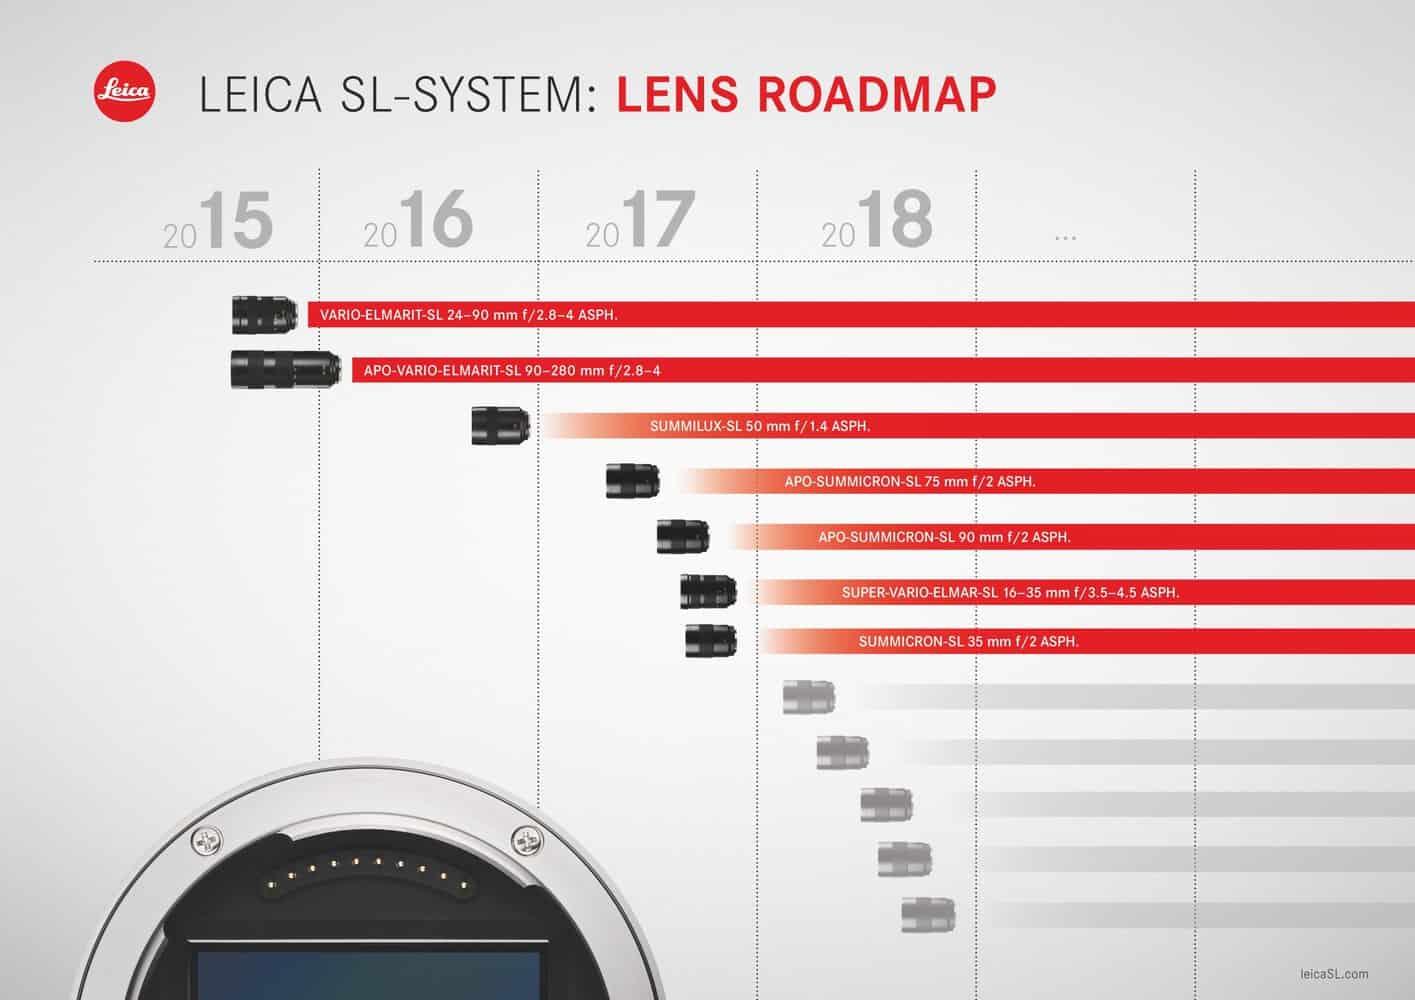 leica_sl-objectieven-roadmap-2017